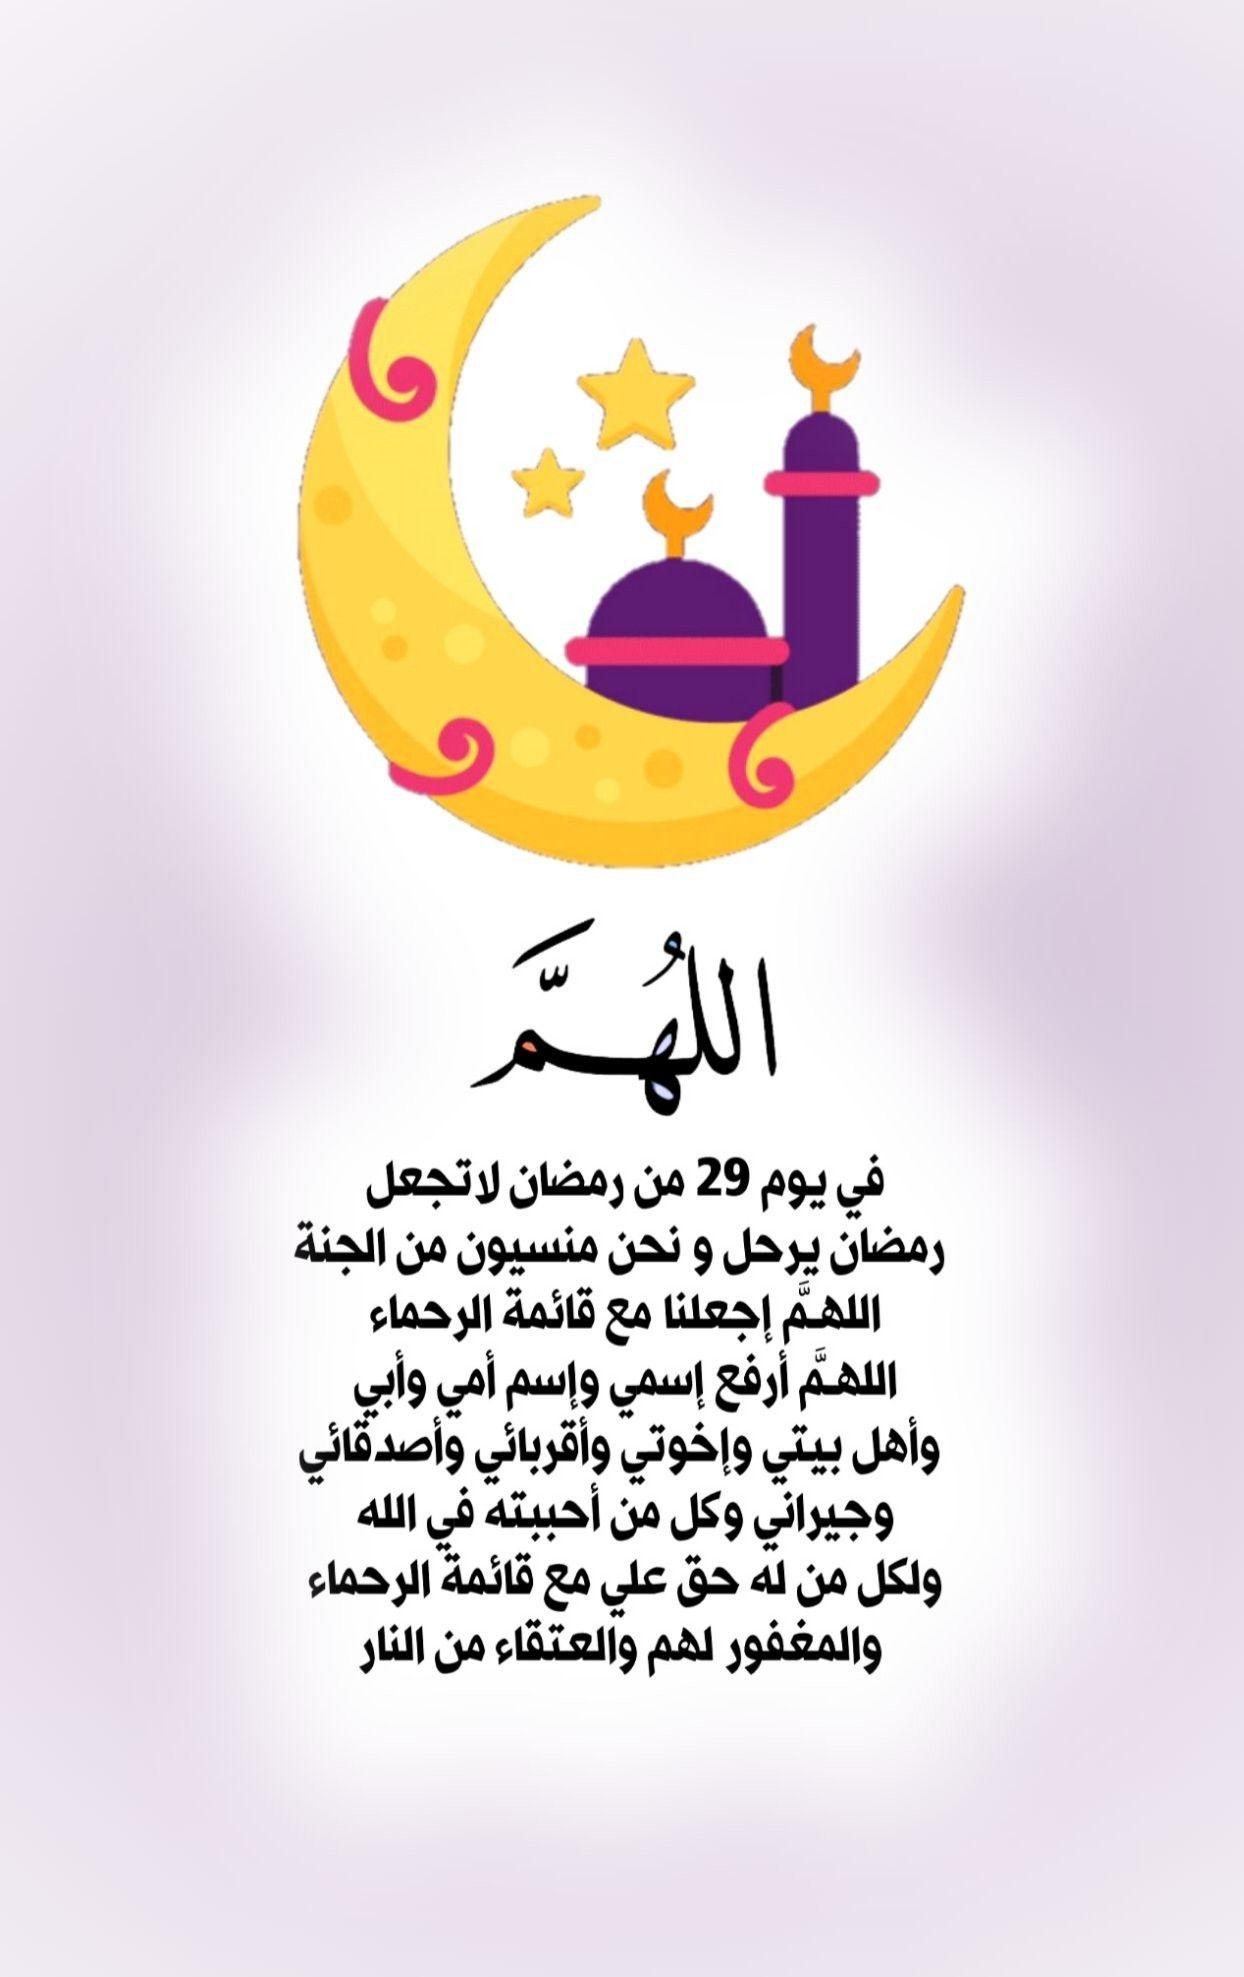 اللهـم في يوم ٢٩ من رمضان لاتجعل رمضان يرحل و نحن منسيون من الجنة اللهـم إجعلنا مع قائمة الرحماء Ramadan Day Ramadan Mubarak Wallpapers Ramadan Cards